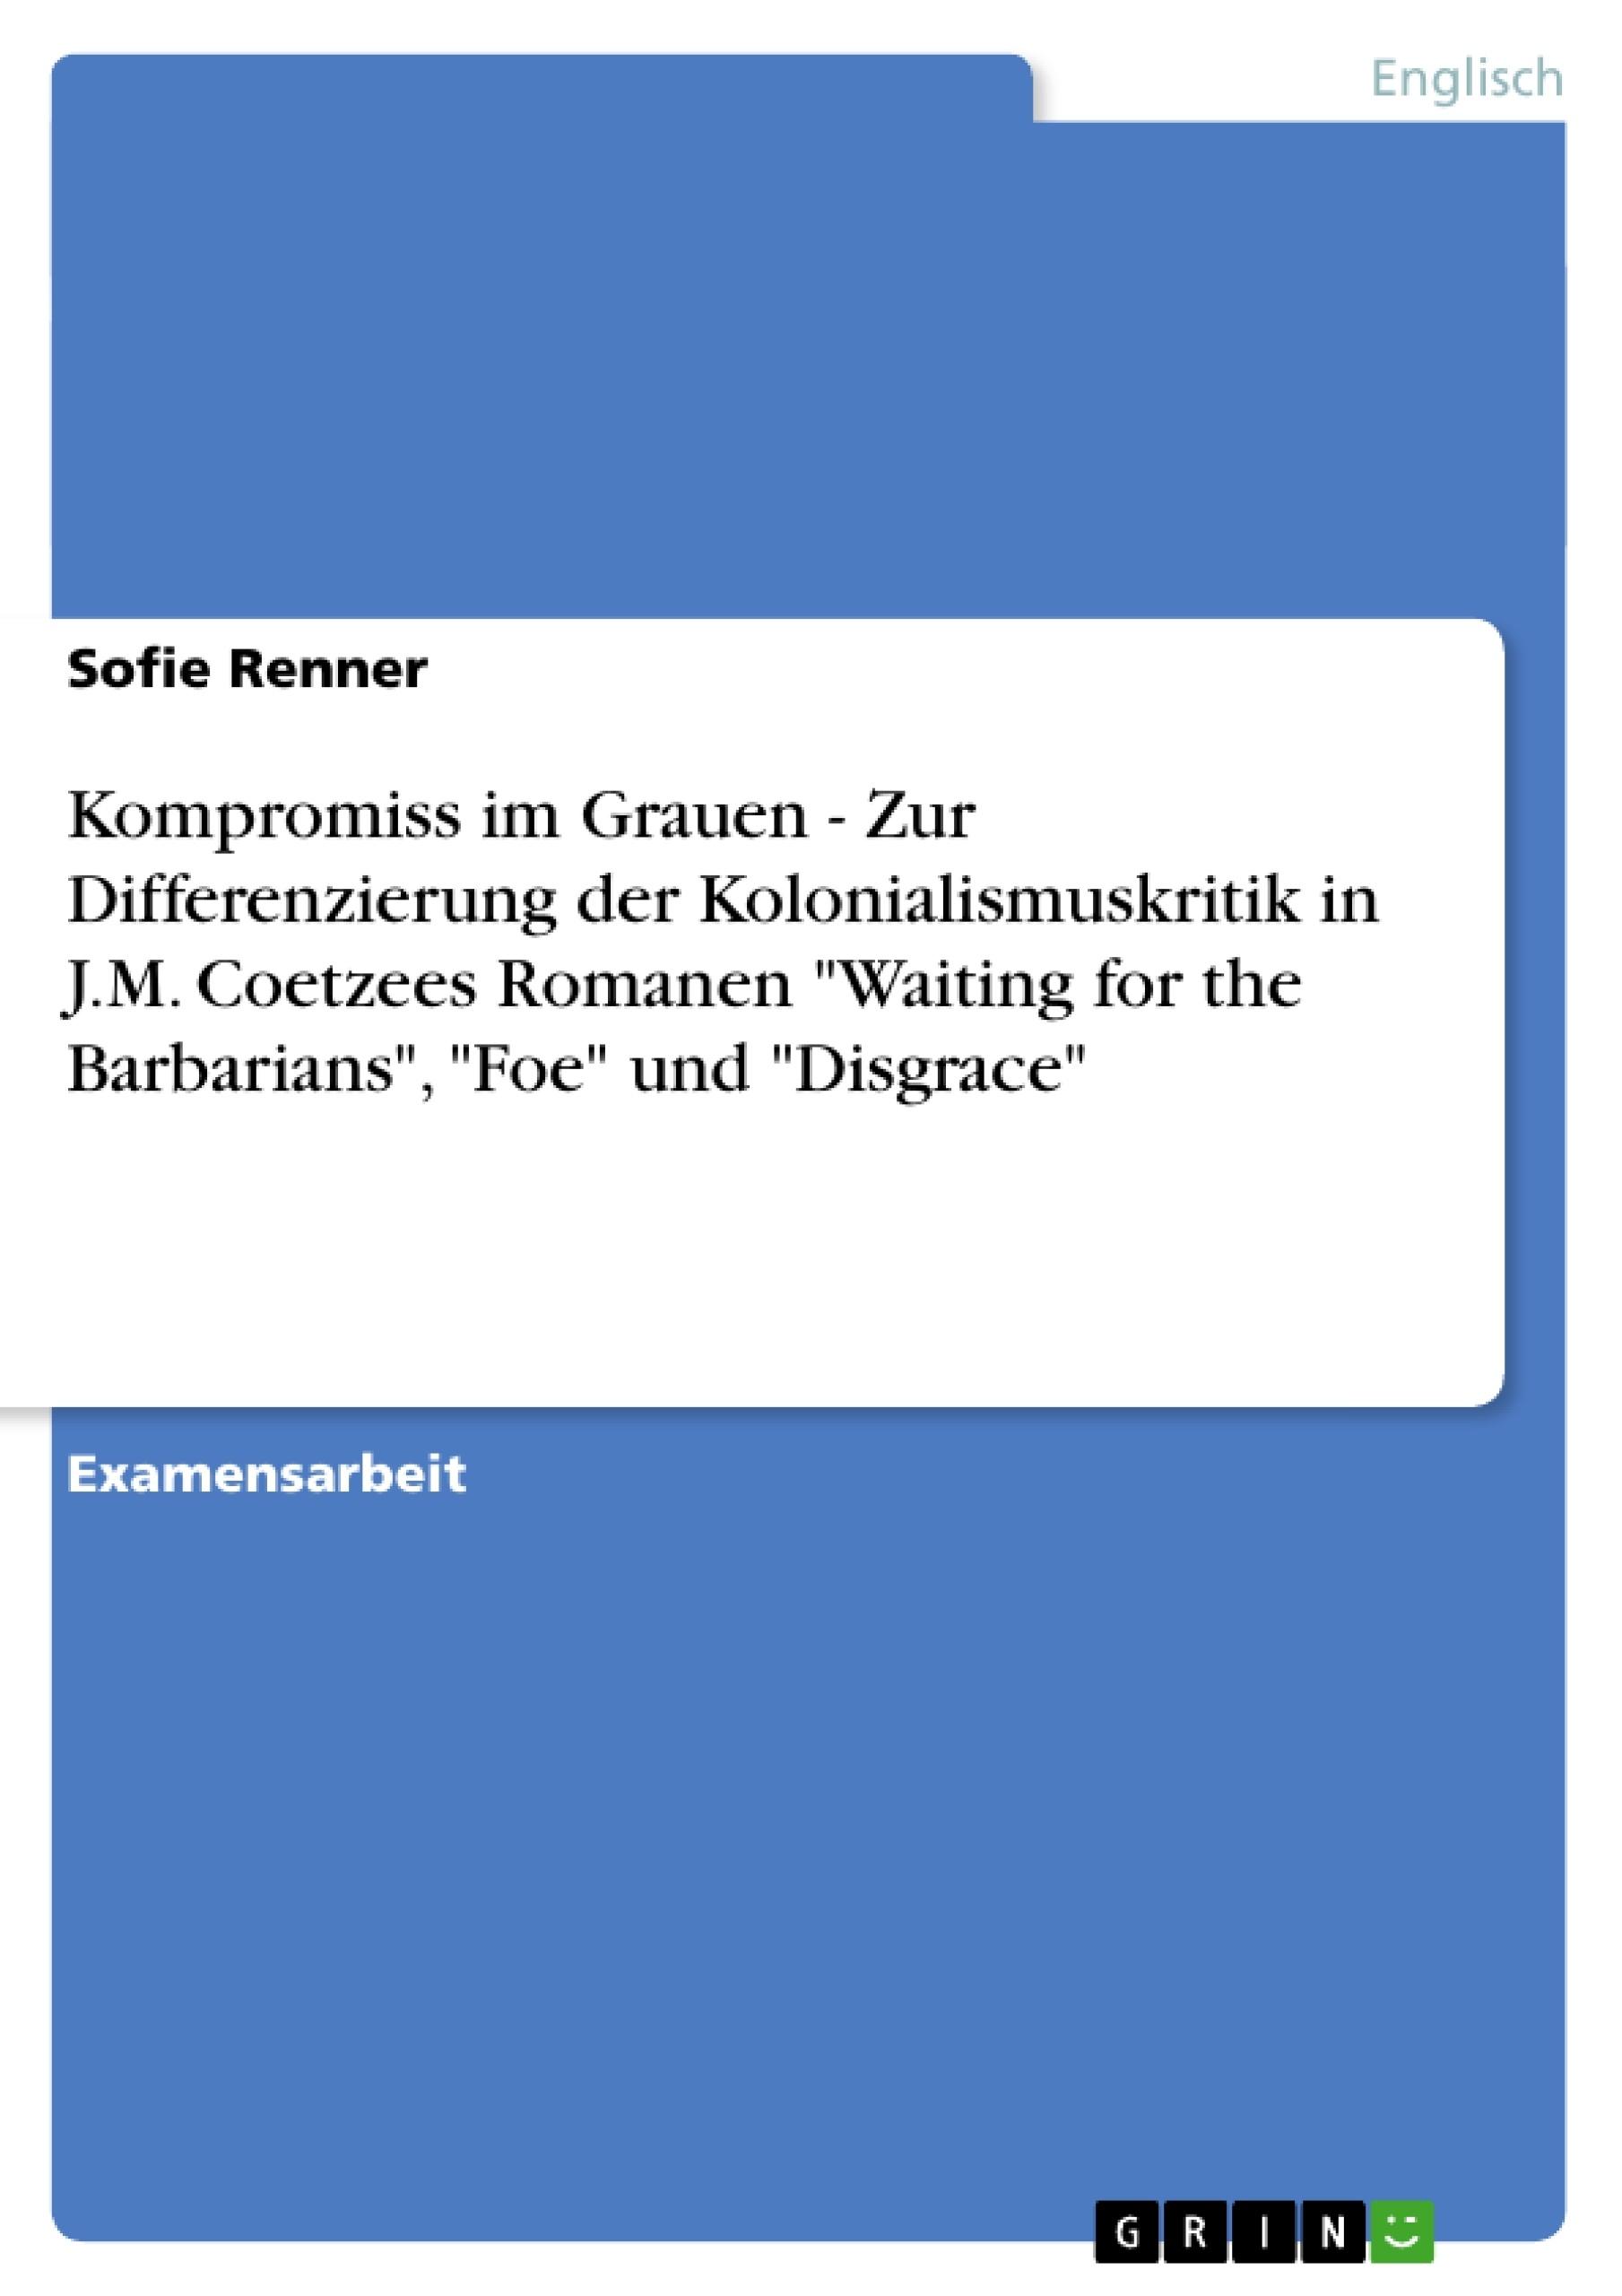 """Titel: Kompromiss im Grauen - Zur Differenzierung der Kolonialismuskritik in J.M. Coetzees Romanen """"Waiting for the Barbarians"""", """"Foe"""" und """"Disgrace"""""""